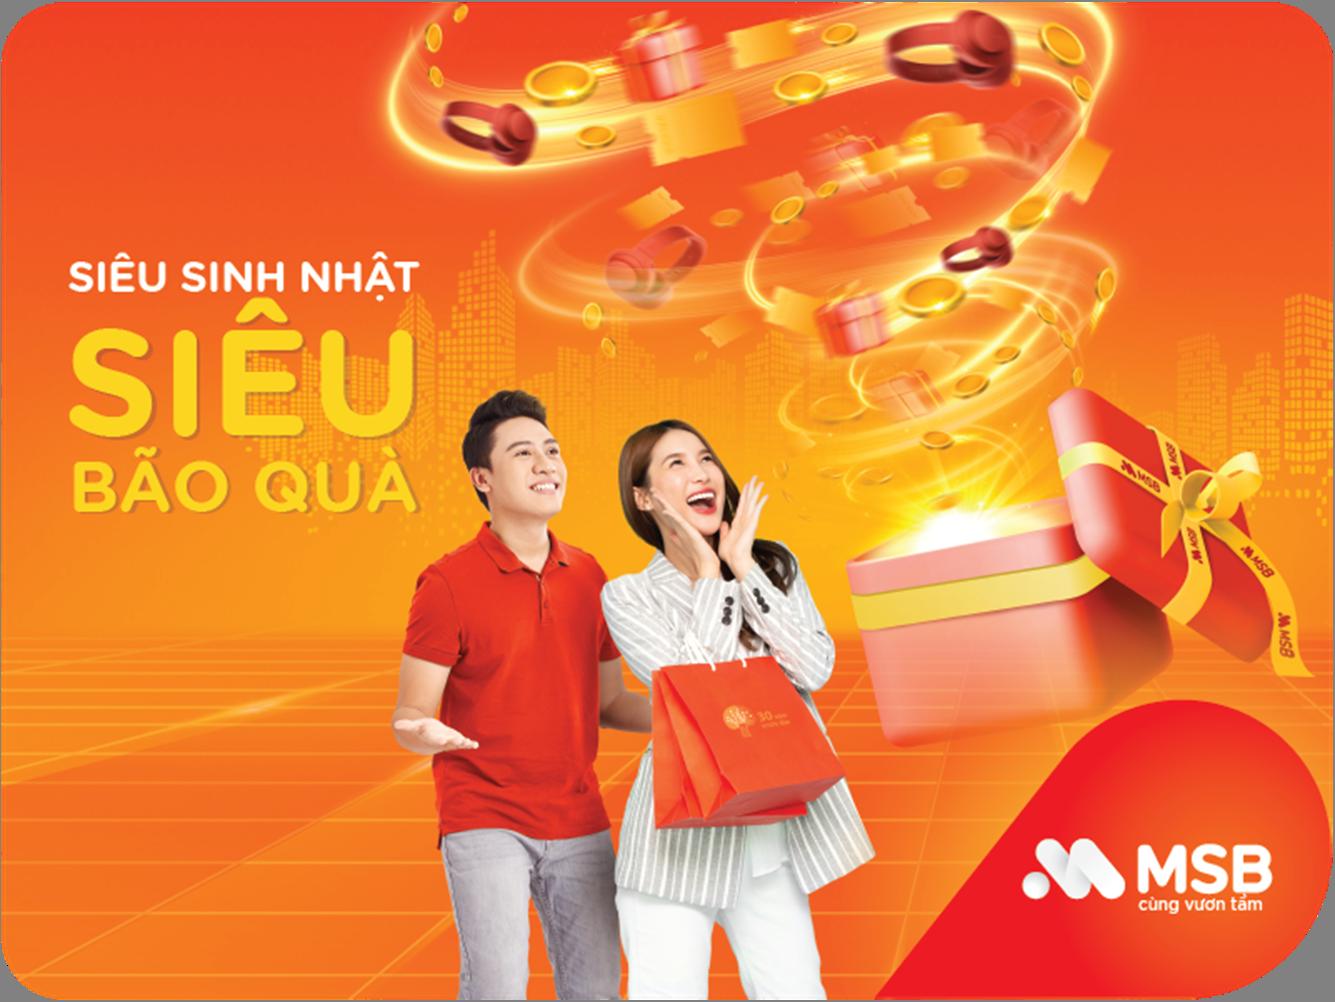 MSB tặng hơn 40.000 phần quà tri ân khách hàng